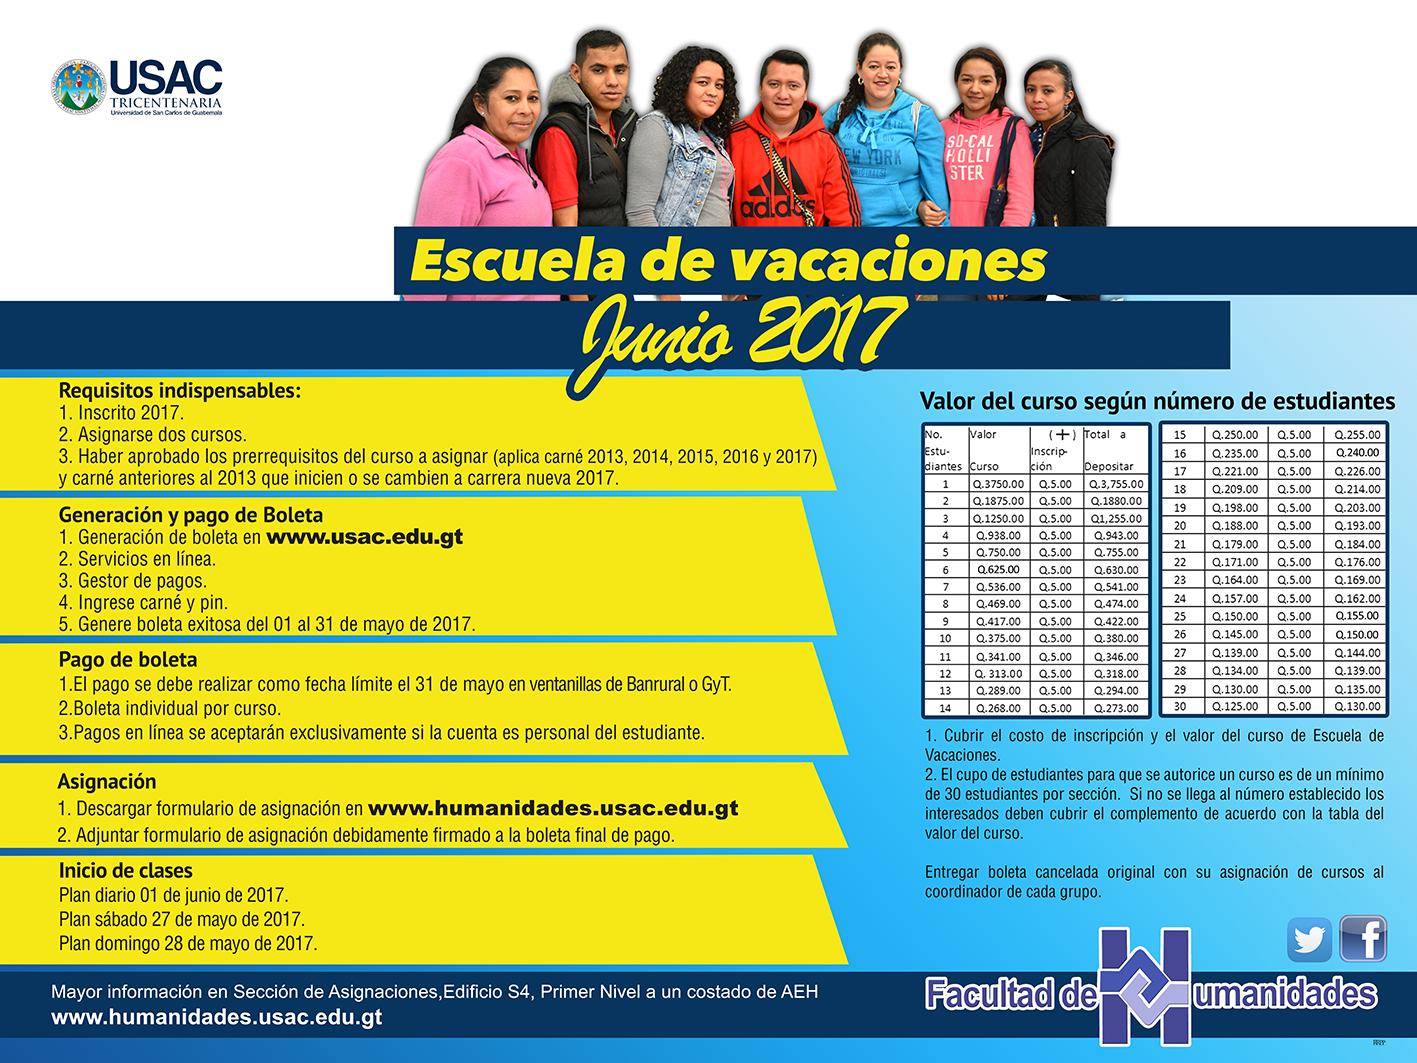 manta-escuela-de-vacaciones-junio-2017